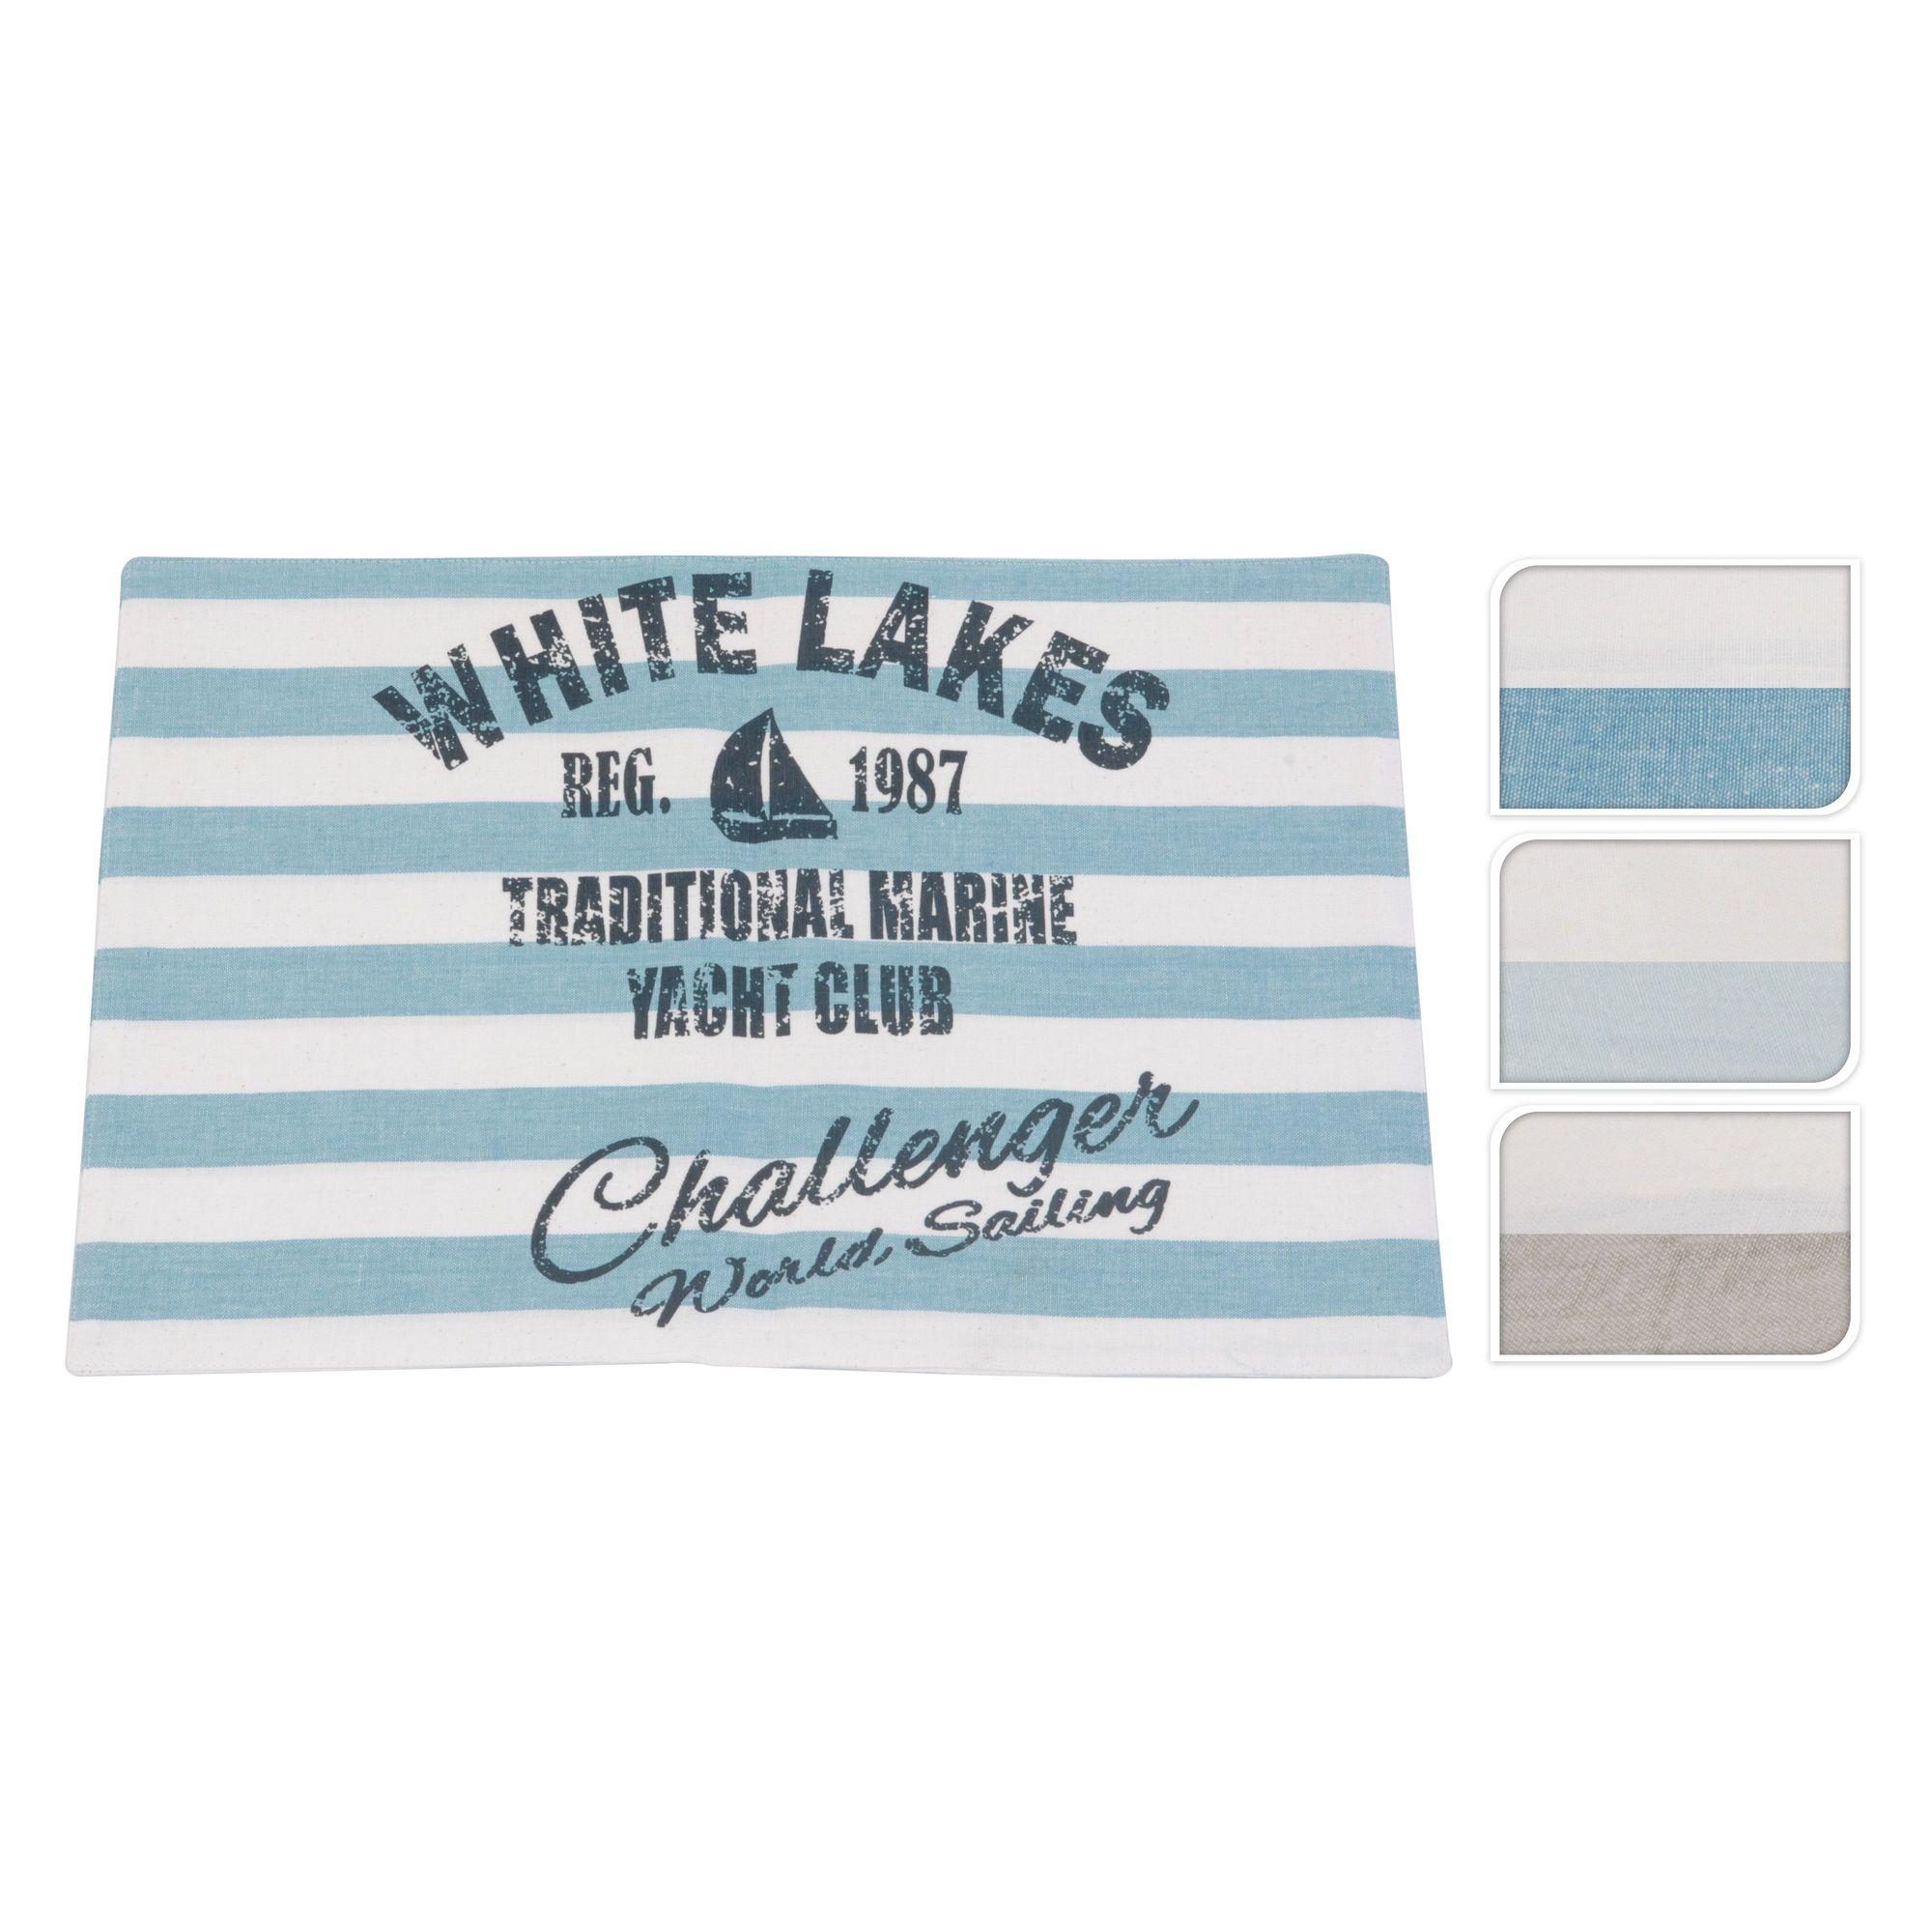 Салфетка сервировочная White lakes в ассортиментеСалфетка White lakes –- непременный атрибут украшения стола. Выполненное из натурального хлопка изделие надежно защищает поверхность не только от царапин, но и темных следов от горячей посуды. Надпись на салфетке, оформленной в дизайнерском стиле, напоминает о регате на Белом озере. Изделие станет гармоничным дополнением сервировки стола. Простроченный край модели не дает плетению рассыпаться. Она отлично выдерживает ежедневную эксплуатацию и легко поддается чистке. Салфетки послужат украшением даже самого невзрачного интерьера и подчеркнут хороший вкус хозяйки.<br>